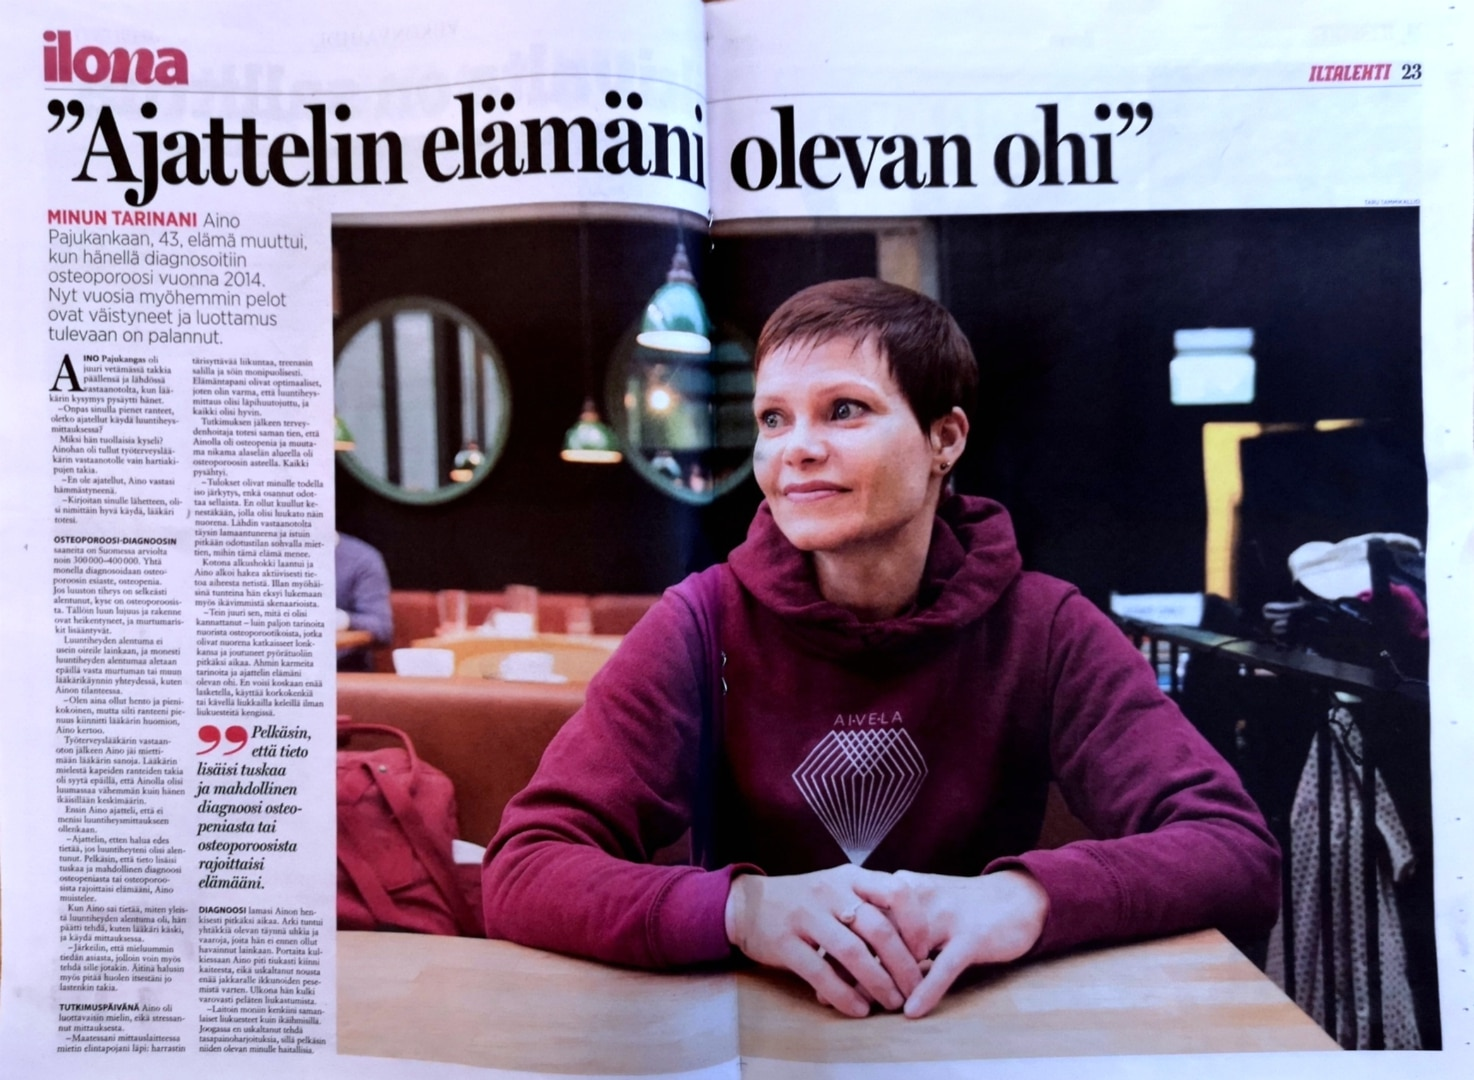 VIestintätoimisto Aivelan Aino Pajukangas - Ilonan haastattelu